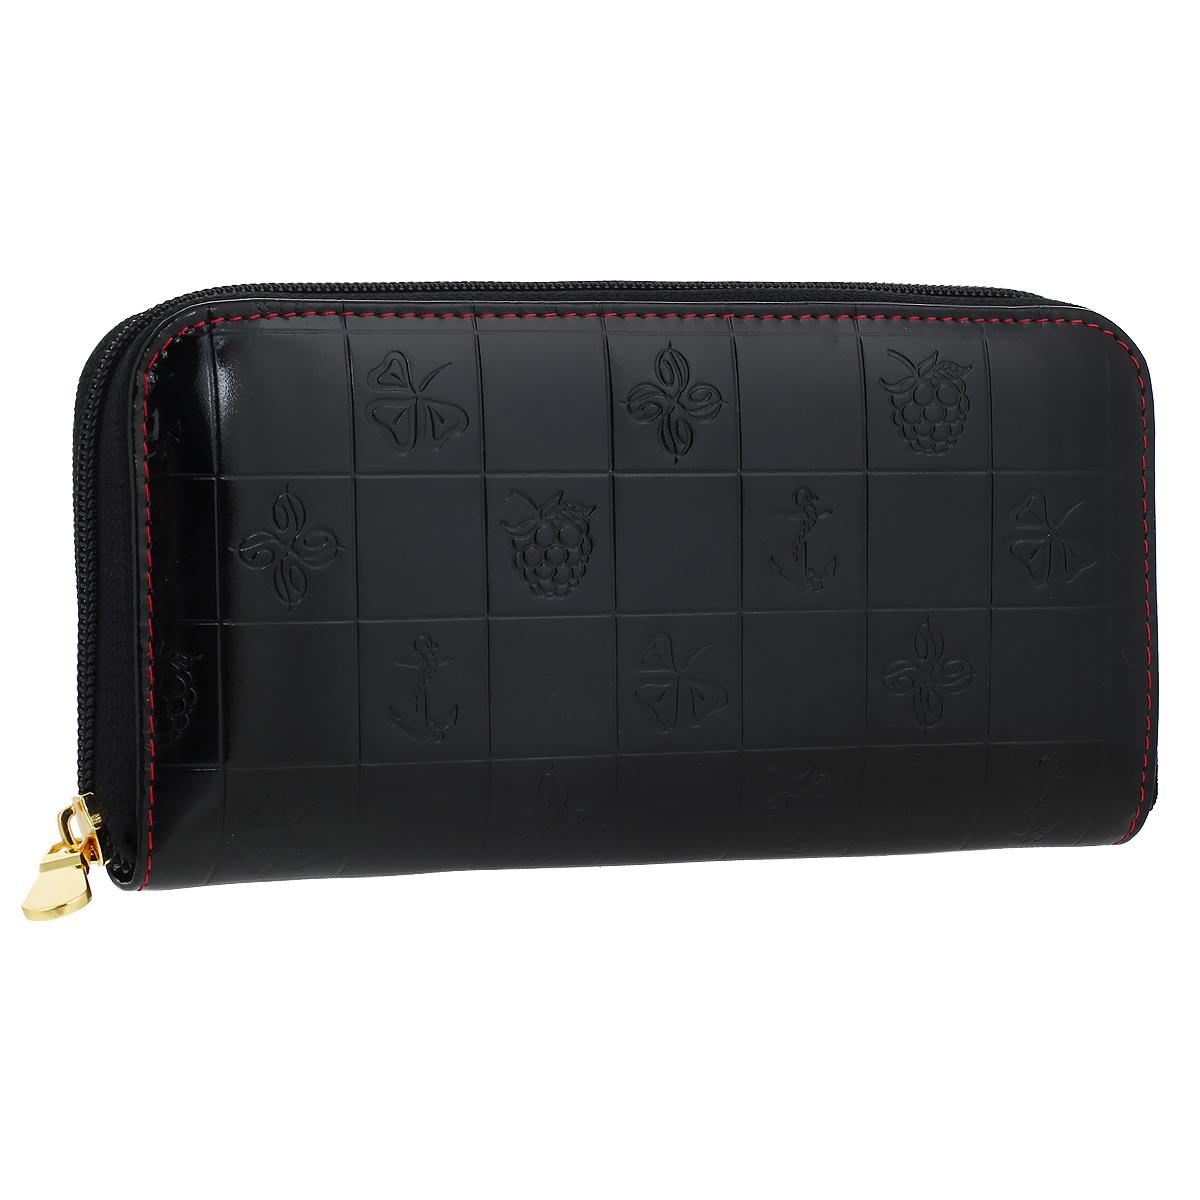 Портмоне женское Dimanche Bonbon, цвет: черный. 540540Стильное женское портмоне Bonbon выполнено из высококачественной натуральной лаковой кожи с декоративным тиснением. Портмоне закрывается на застежку-молнию. Внутри - четыре отделения для купюр, шесть кармашков для визиток, карман на молнии для монет, и горизонтальный карман для чеков и бумаг. Портмоне упаковано в фирменную картонную коробку.